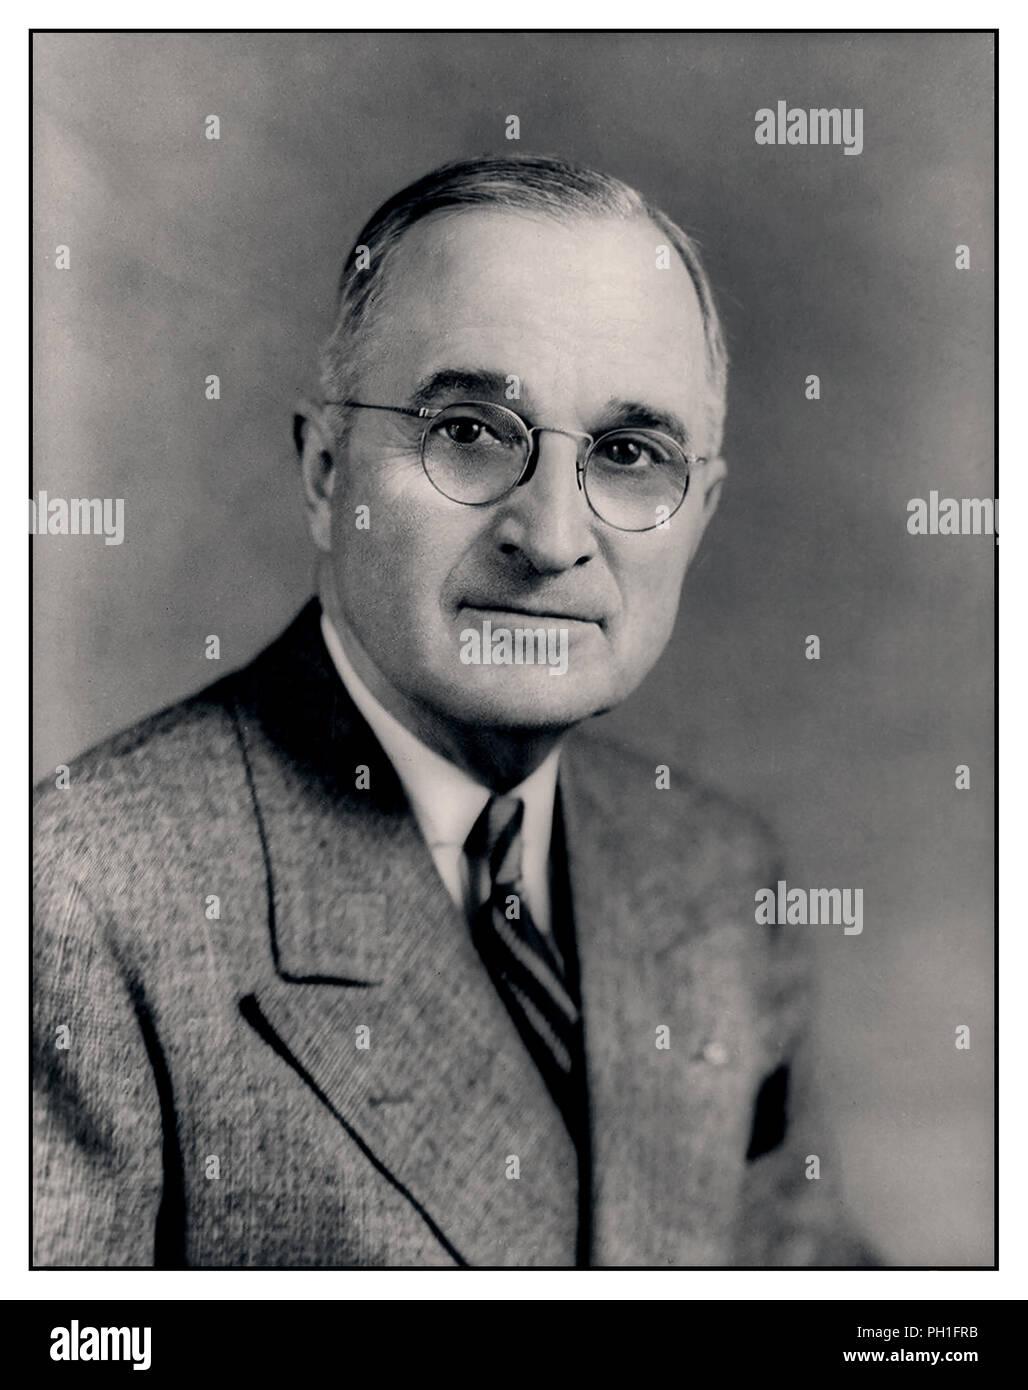 Vintage retrato oficial de demócrata Harry S. Truman, el 33º Presidente de los Estados Unidos, asumió el poder tras la muerte de Franklin D. Roosevelt. Un veterano de la I Guerra Mundial, asumió la presidencia durante los últimos meses de la Segunda Guerra Mundial y el comienzo de la guerra fría. Imagen De Stock